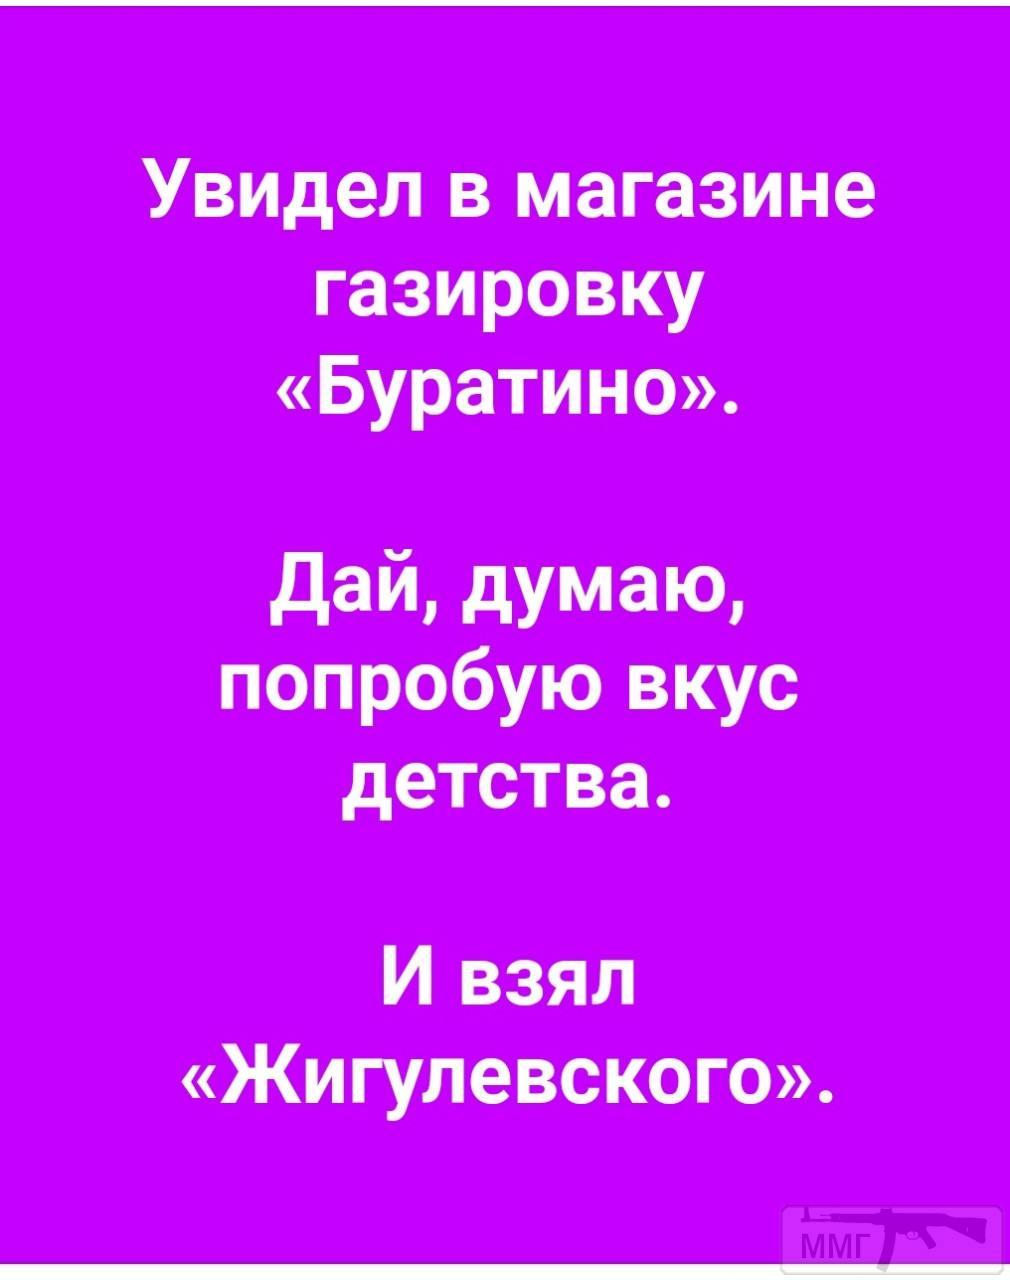 63339 - Пить или не пить? - пятничная алкогольная тема )))